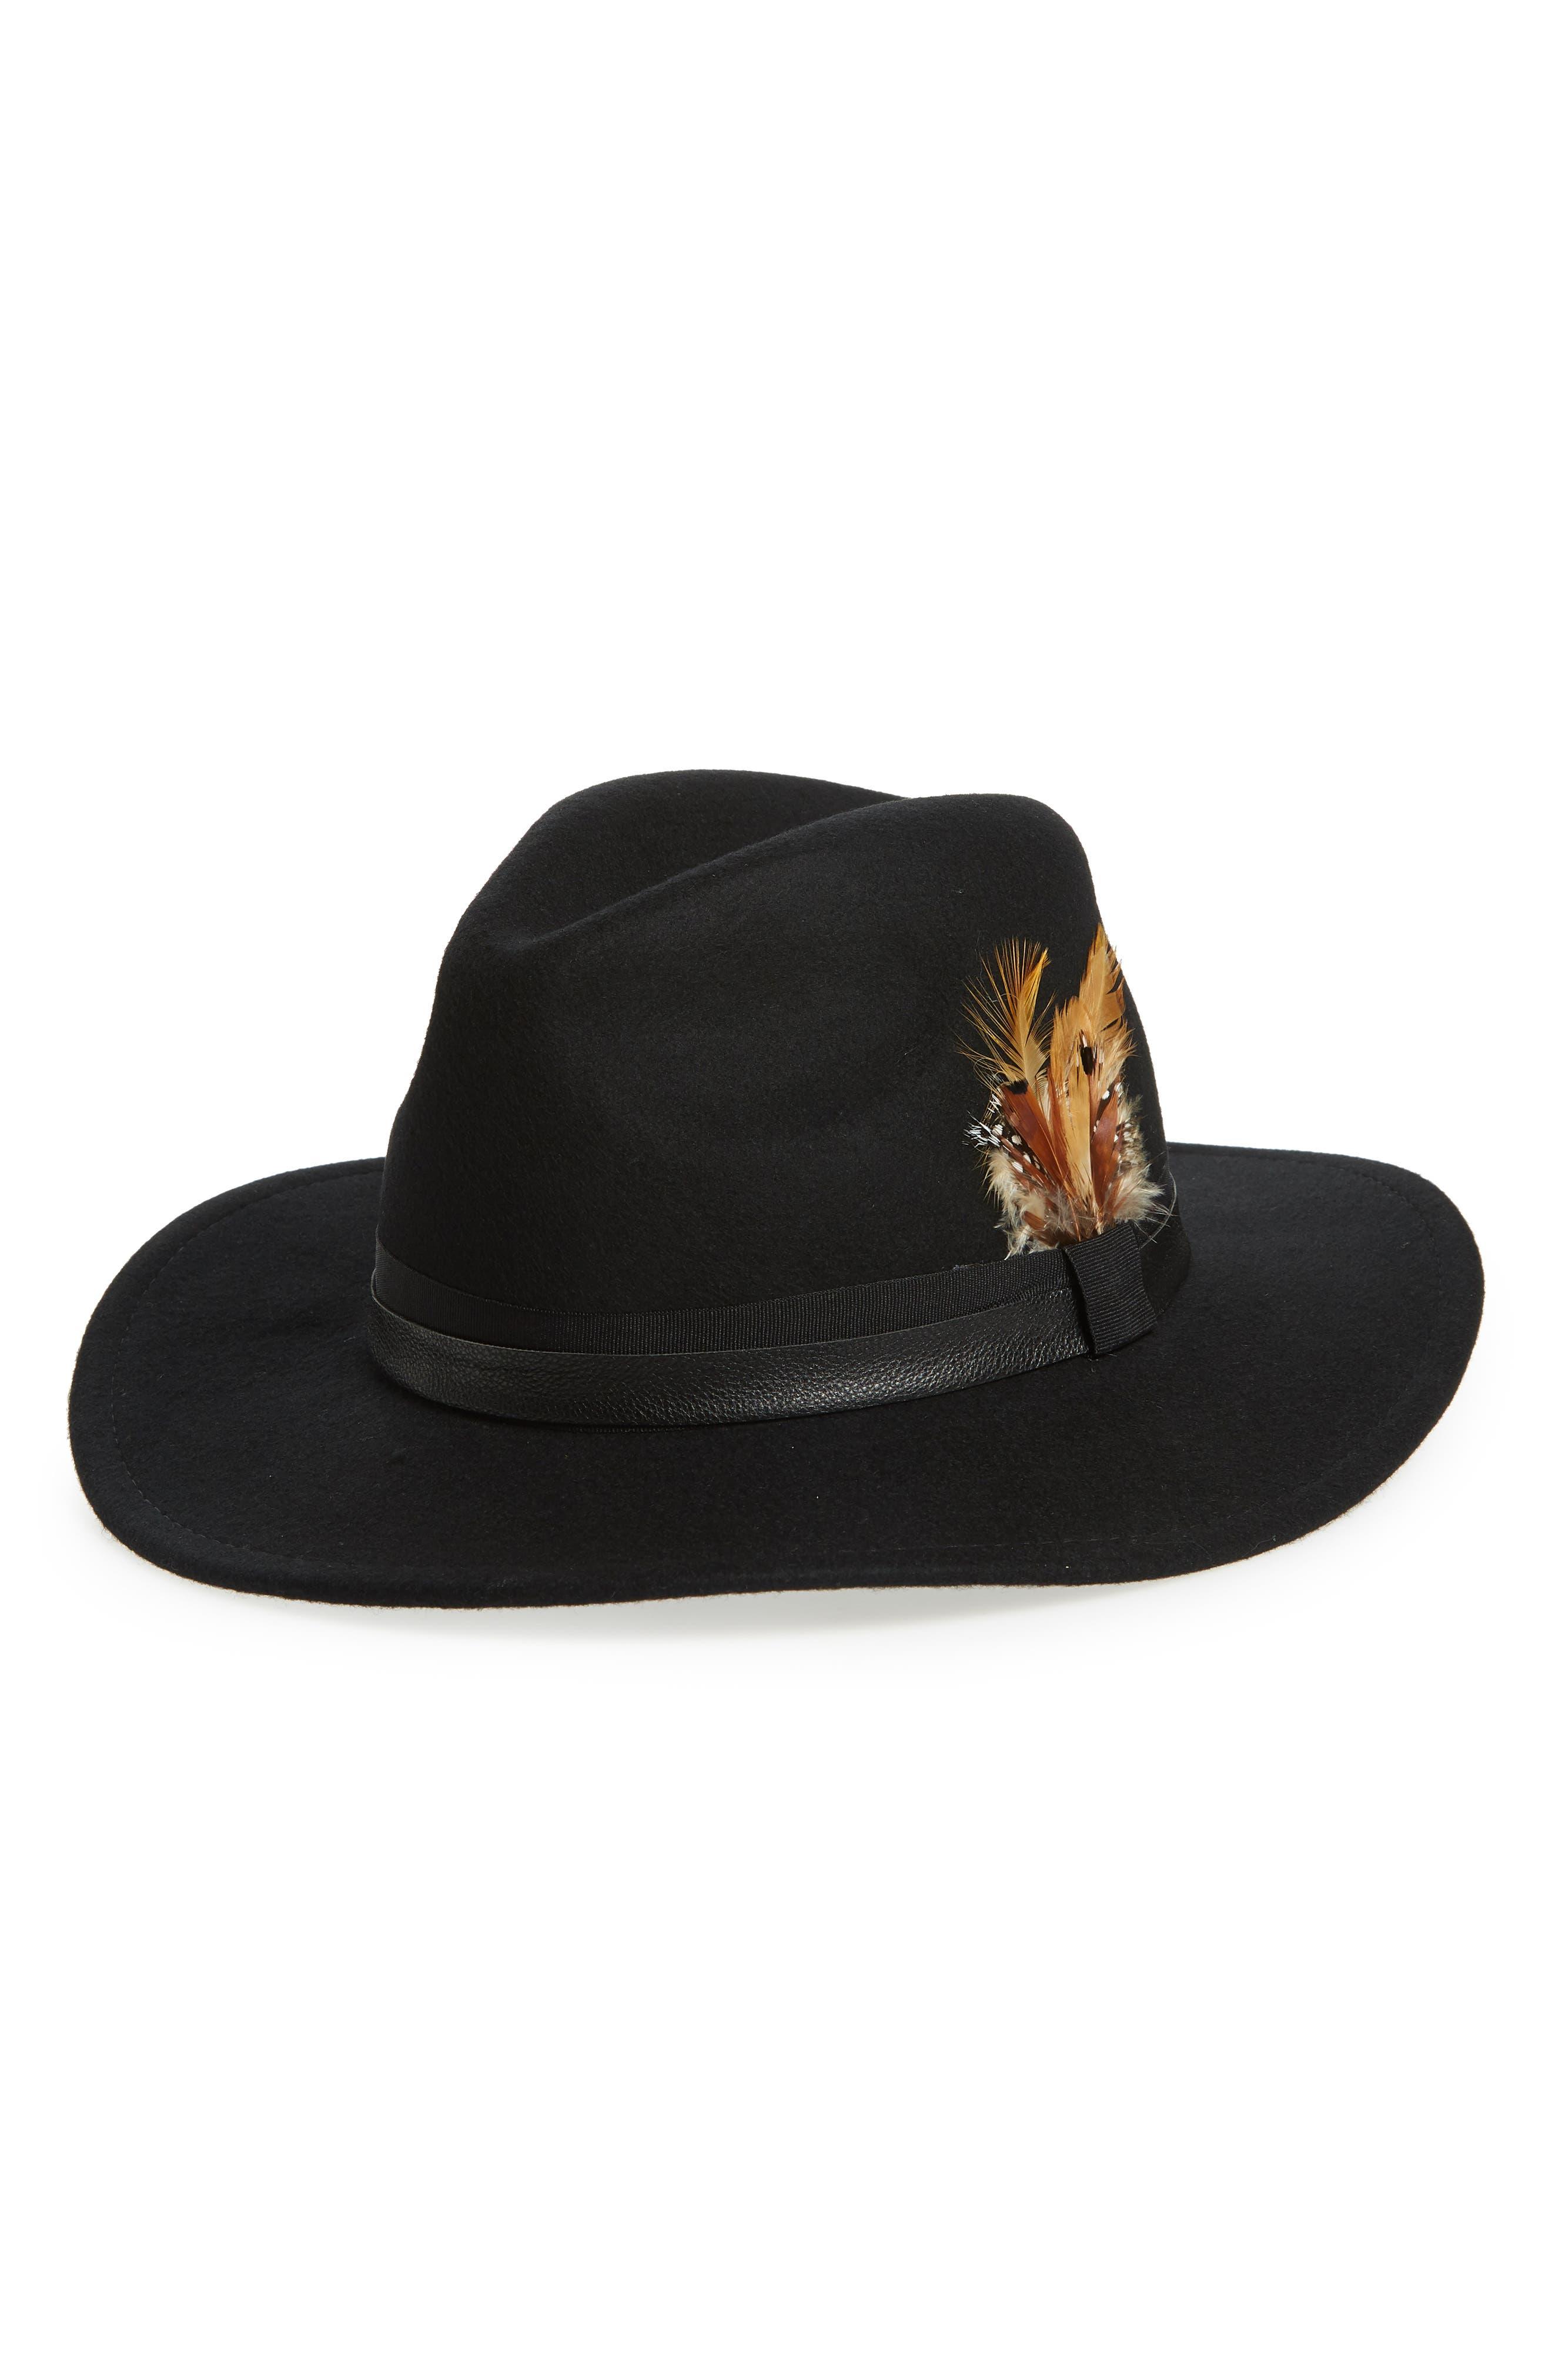 Feather Trim Panama Hat, Main, color, BLACK